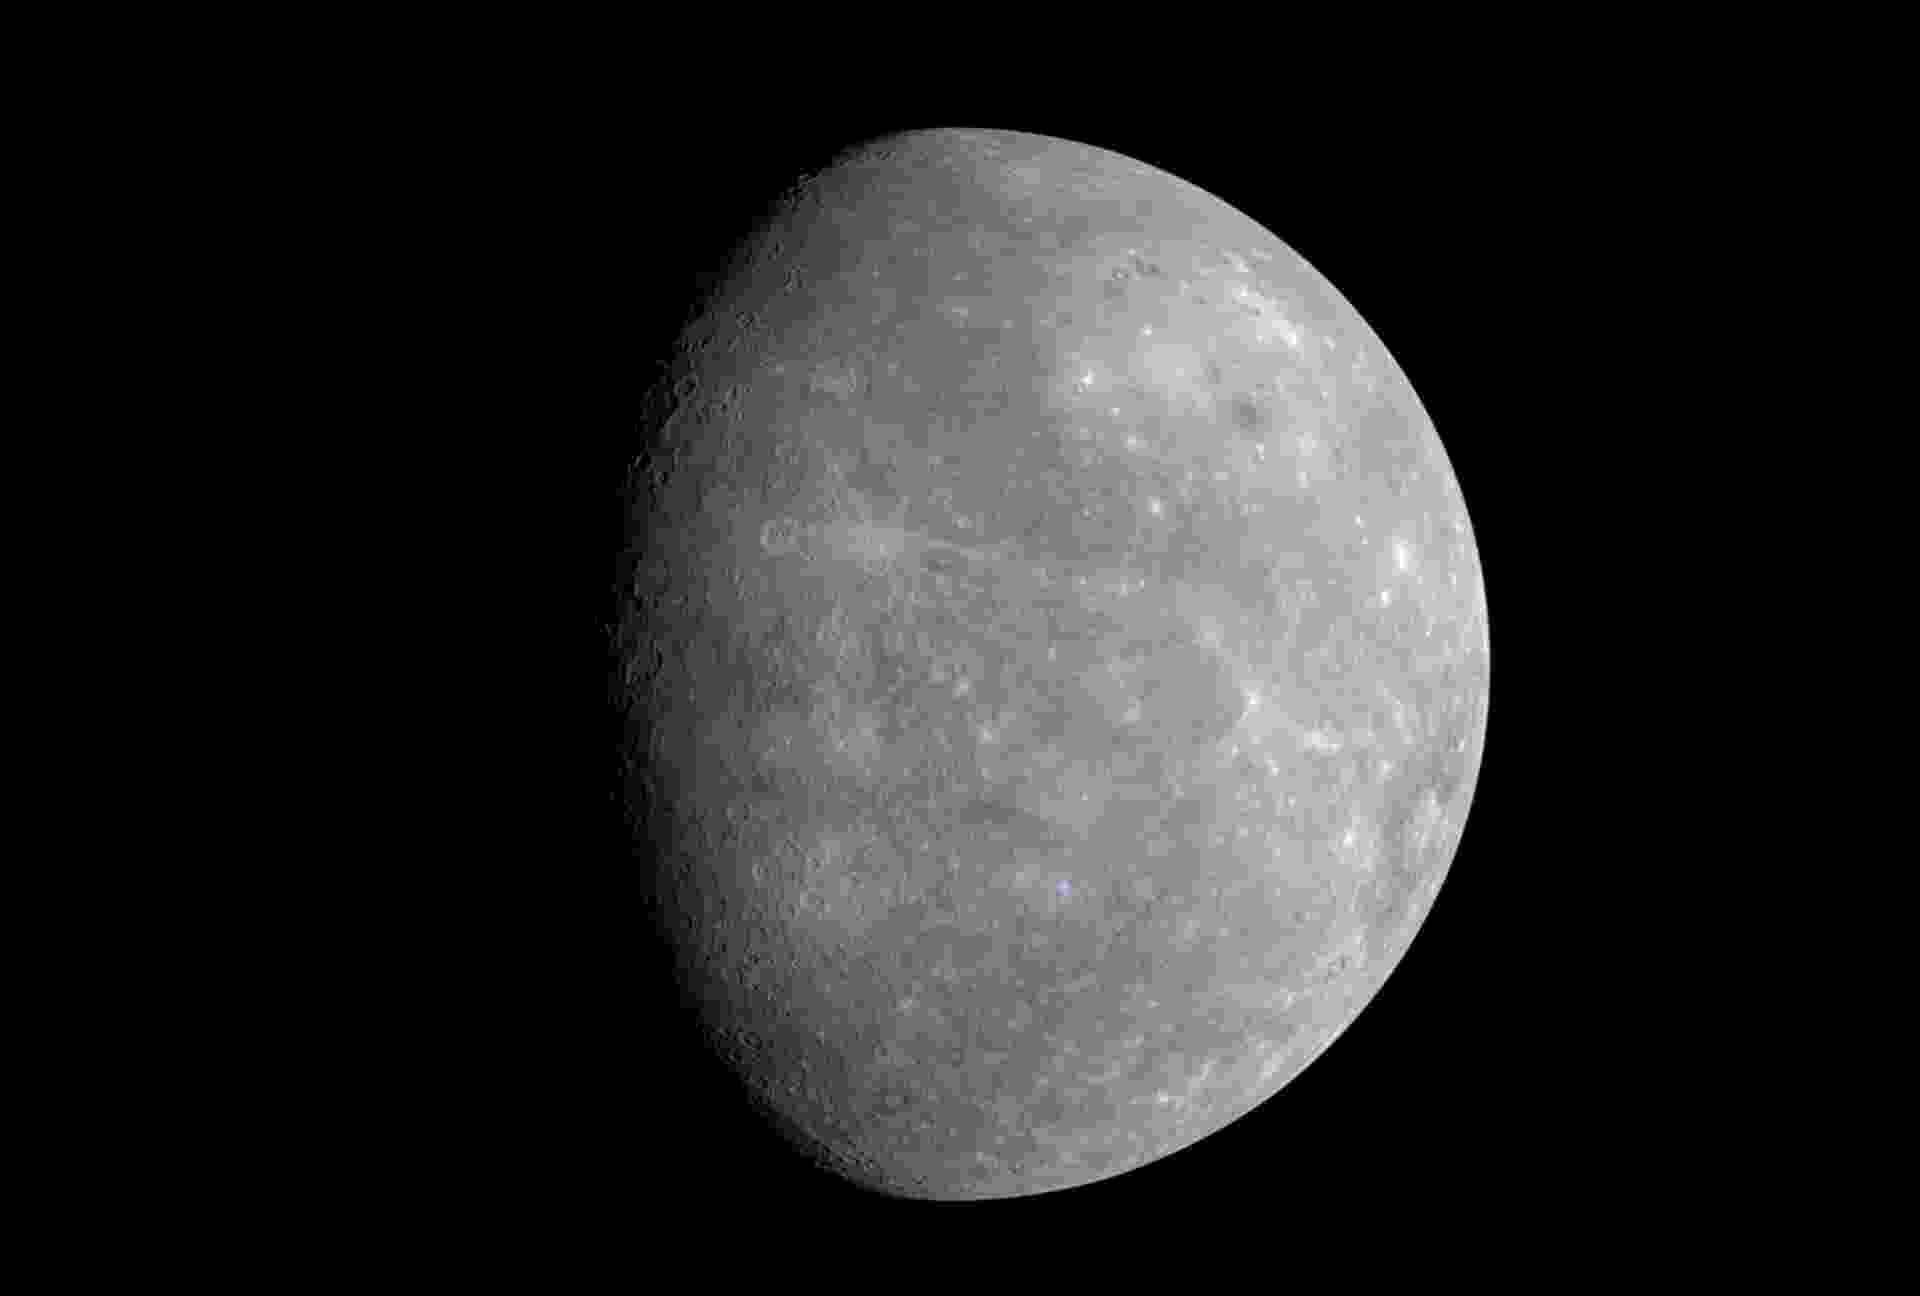 26.ago.2015 - Distante 58 milhões de quilômetros do Sol, Mercúrio é o planeta rochoso do Sistema Solar mais próximo do Astro. Se fosse possível ficar de pé sobre a superfície dele, o Sol pareceria três vezes maior do que estamos acostumados a ver da Terra. O planeta tem uma coloração acinzentada e uma aparência bastante parecida com a da Lua, com várias crateras resultantes das colisões de meteoritos e cometas. Esta imagem foi feita em janeiro de 2008 pela sonda Messenger - Carnegie Institution of Washington/Nasa